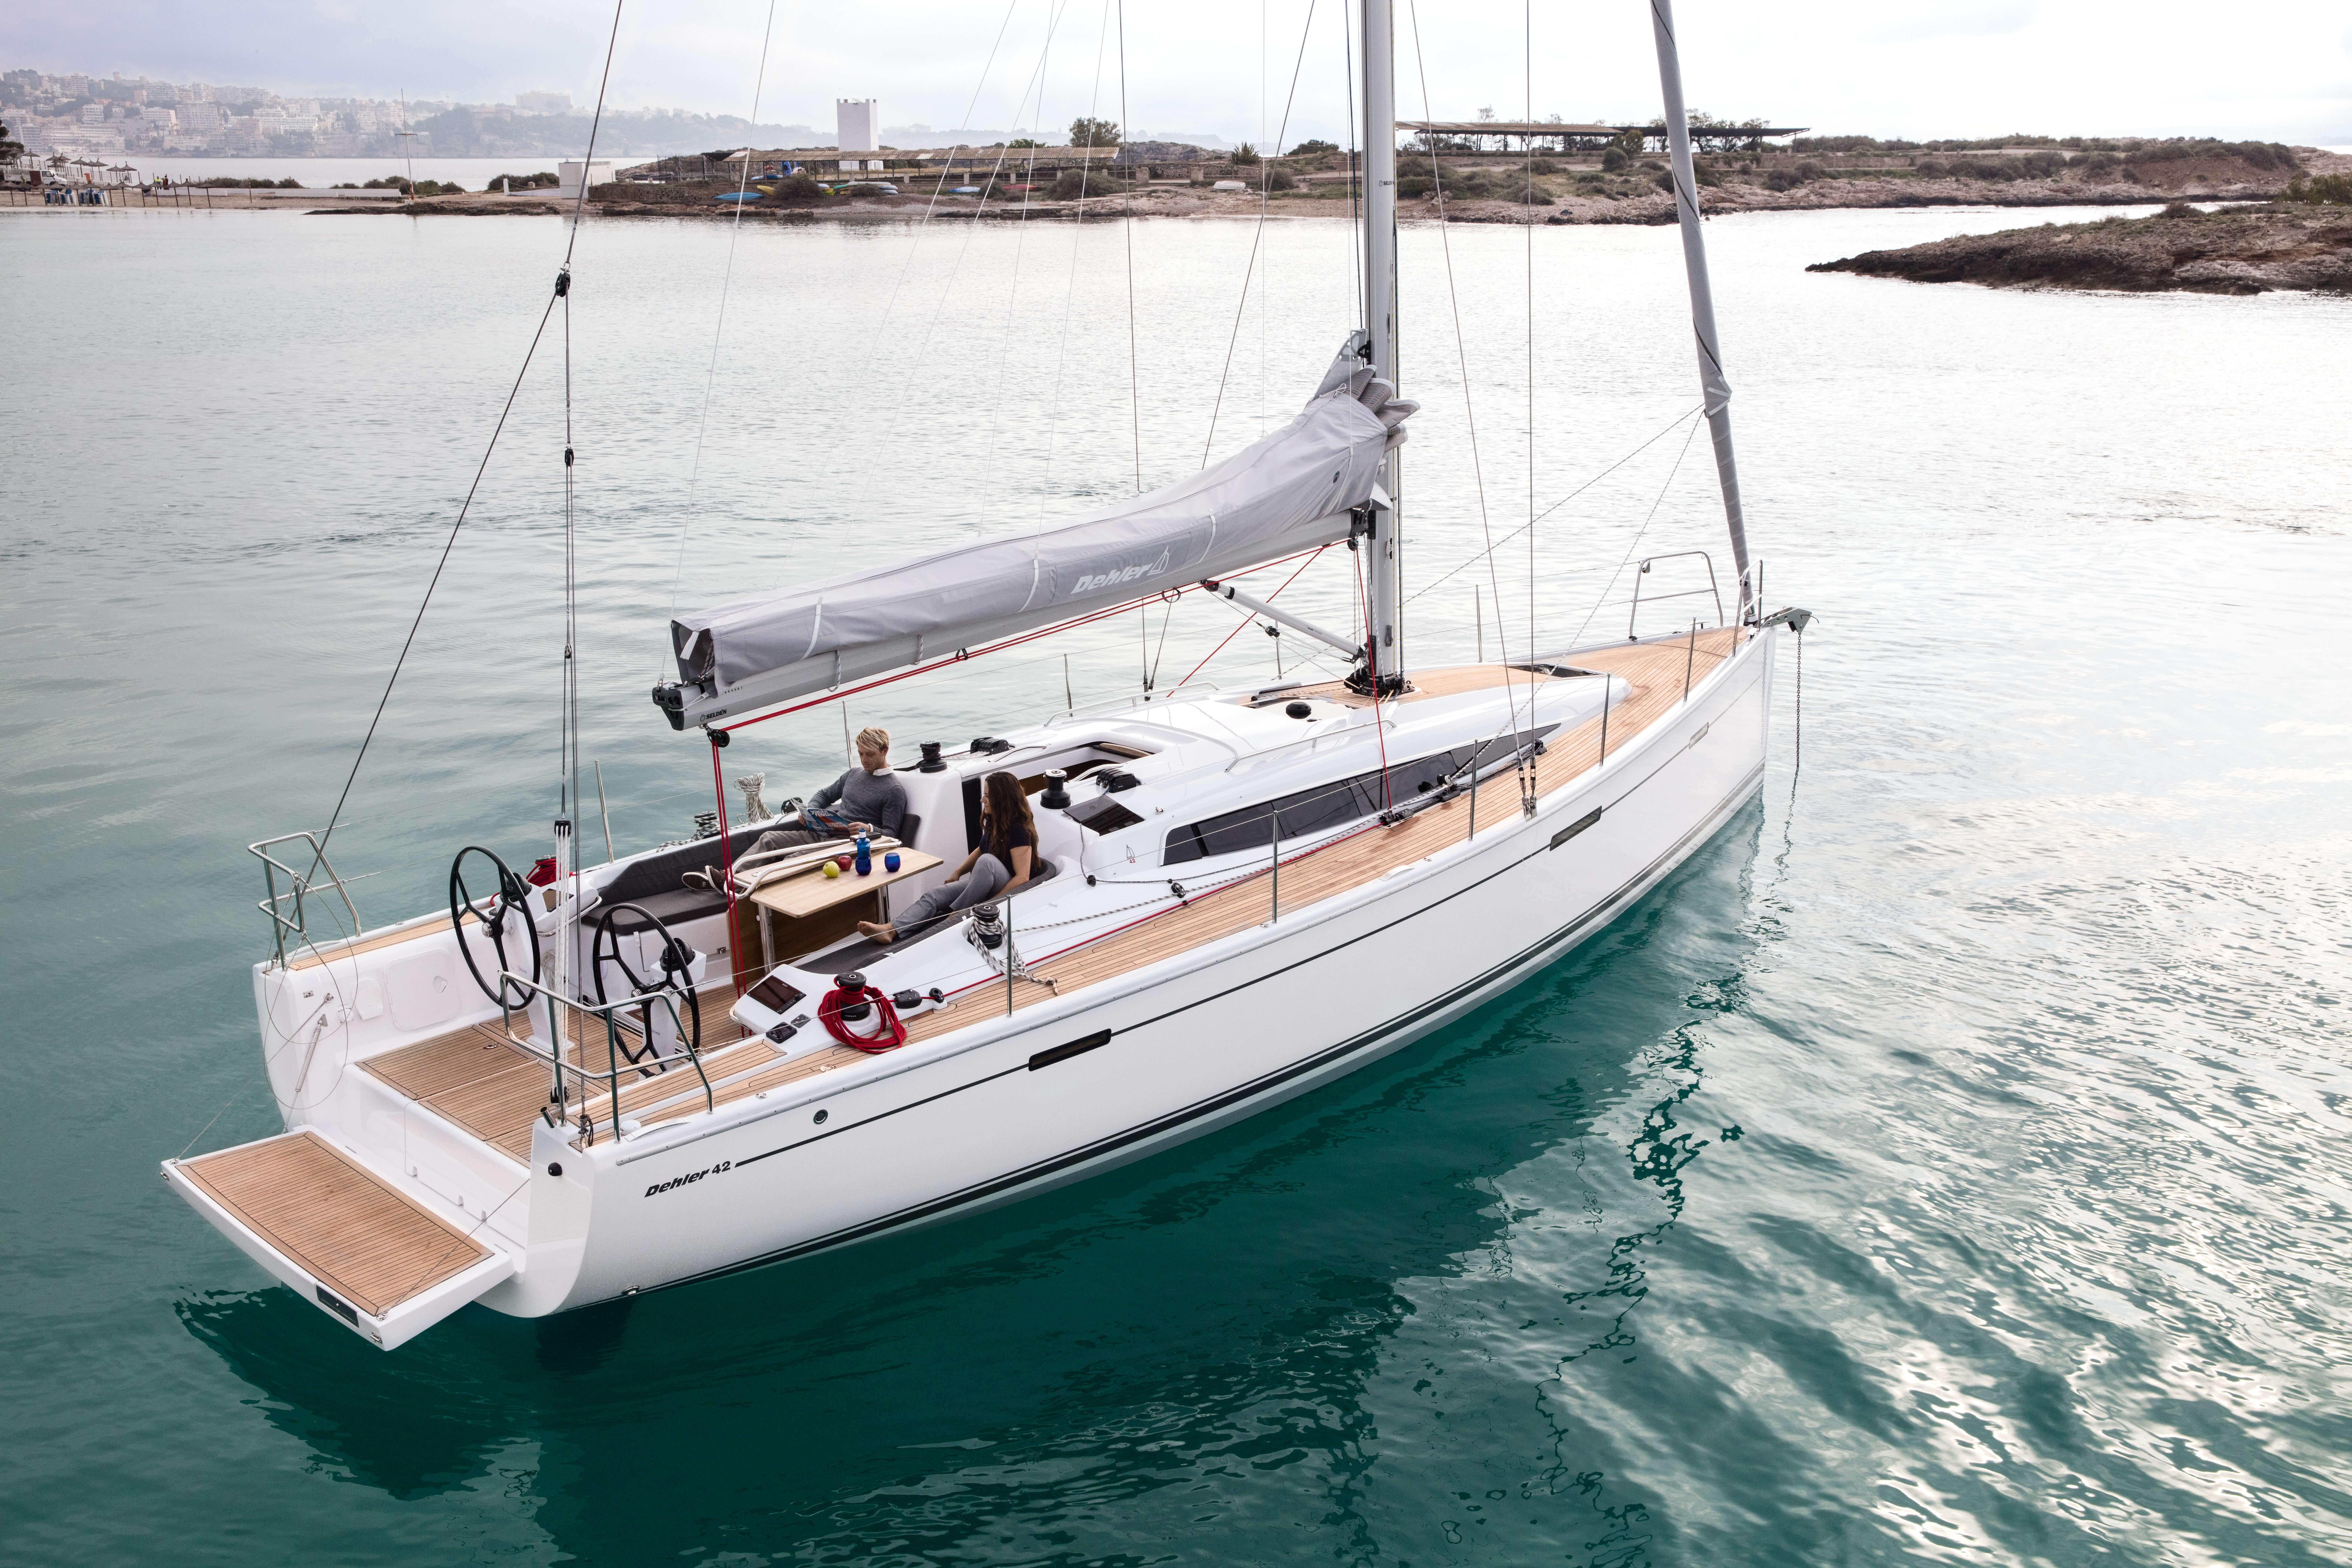 Dehler 42 Exterior at anchor | Dehler 42_Segeln_08_0516_023.jpg | Dehler